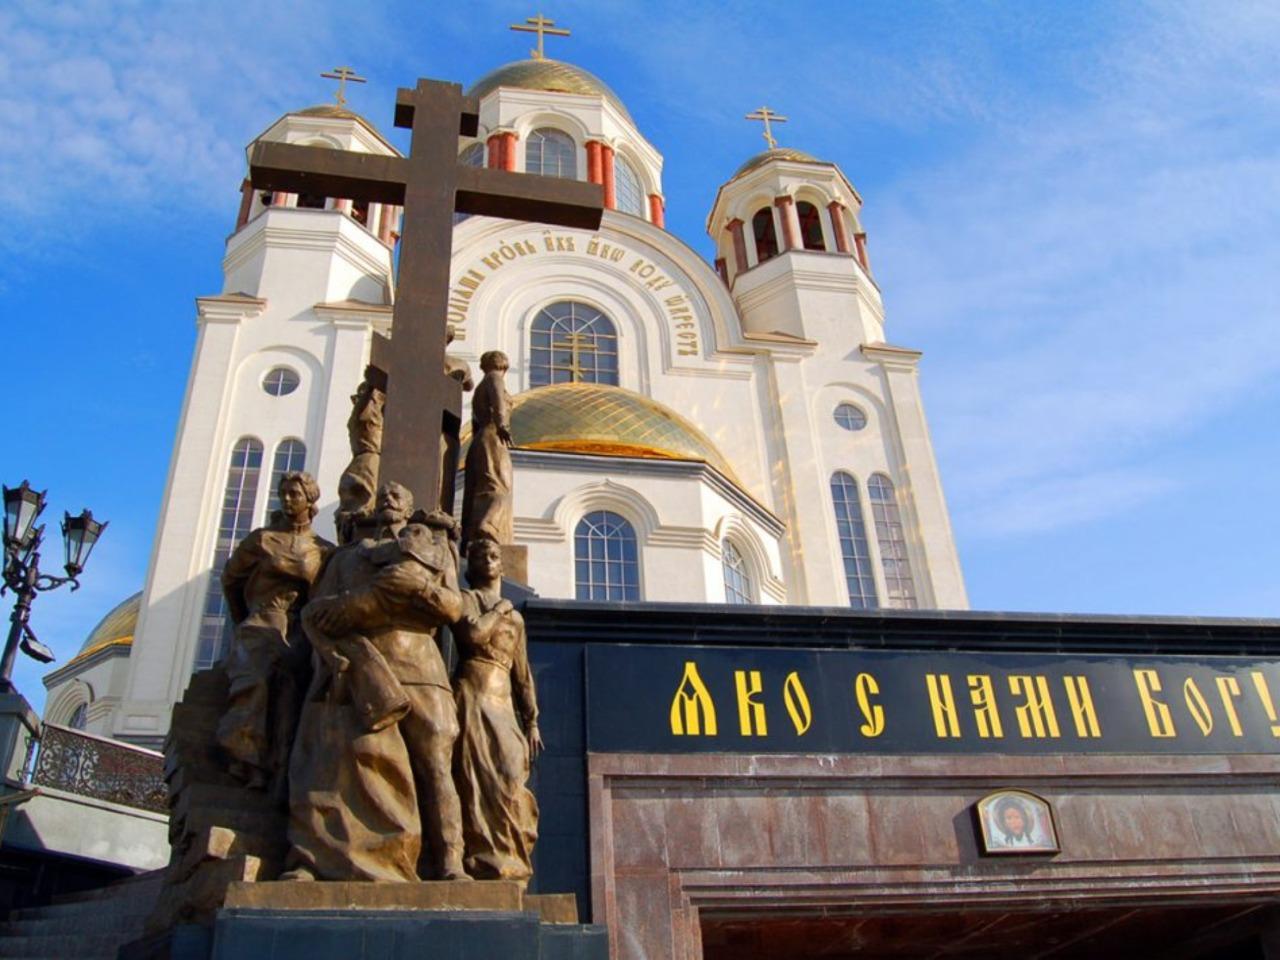 Романовы: последнее путешествие - индивидуальная экскурсия по Екатеринбургу от опытного гида